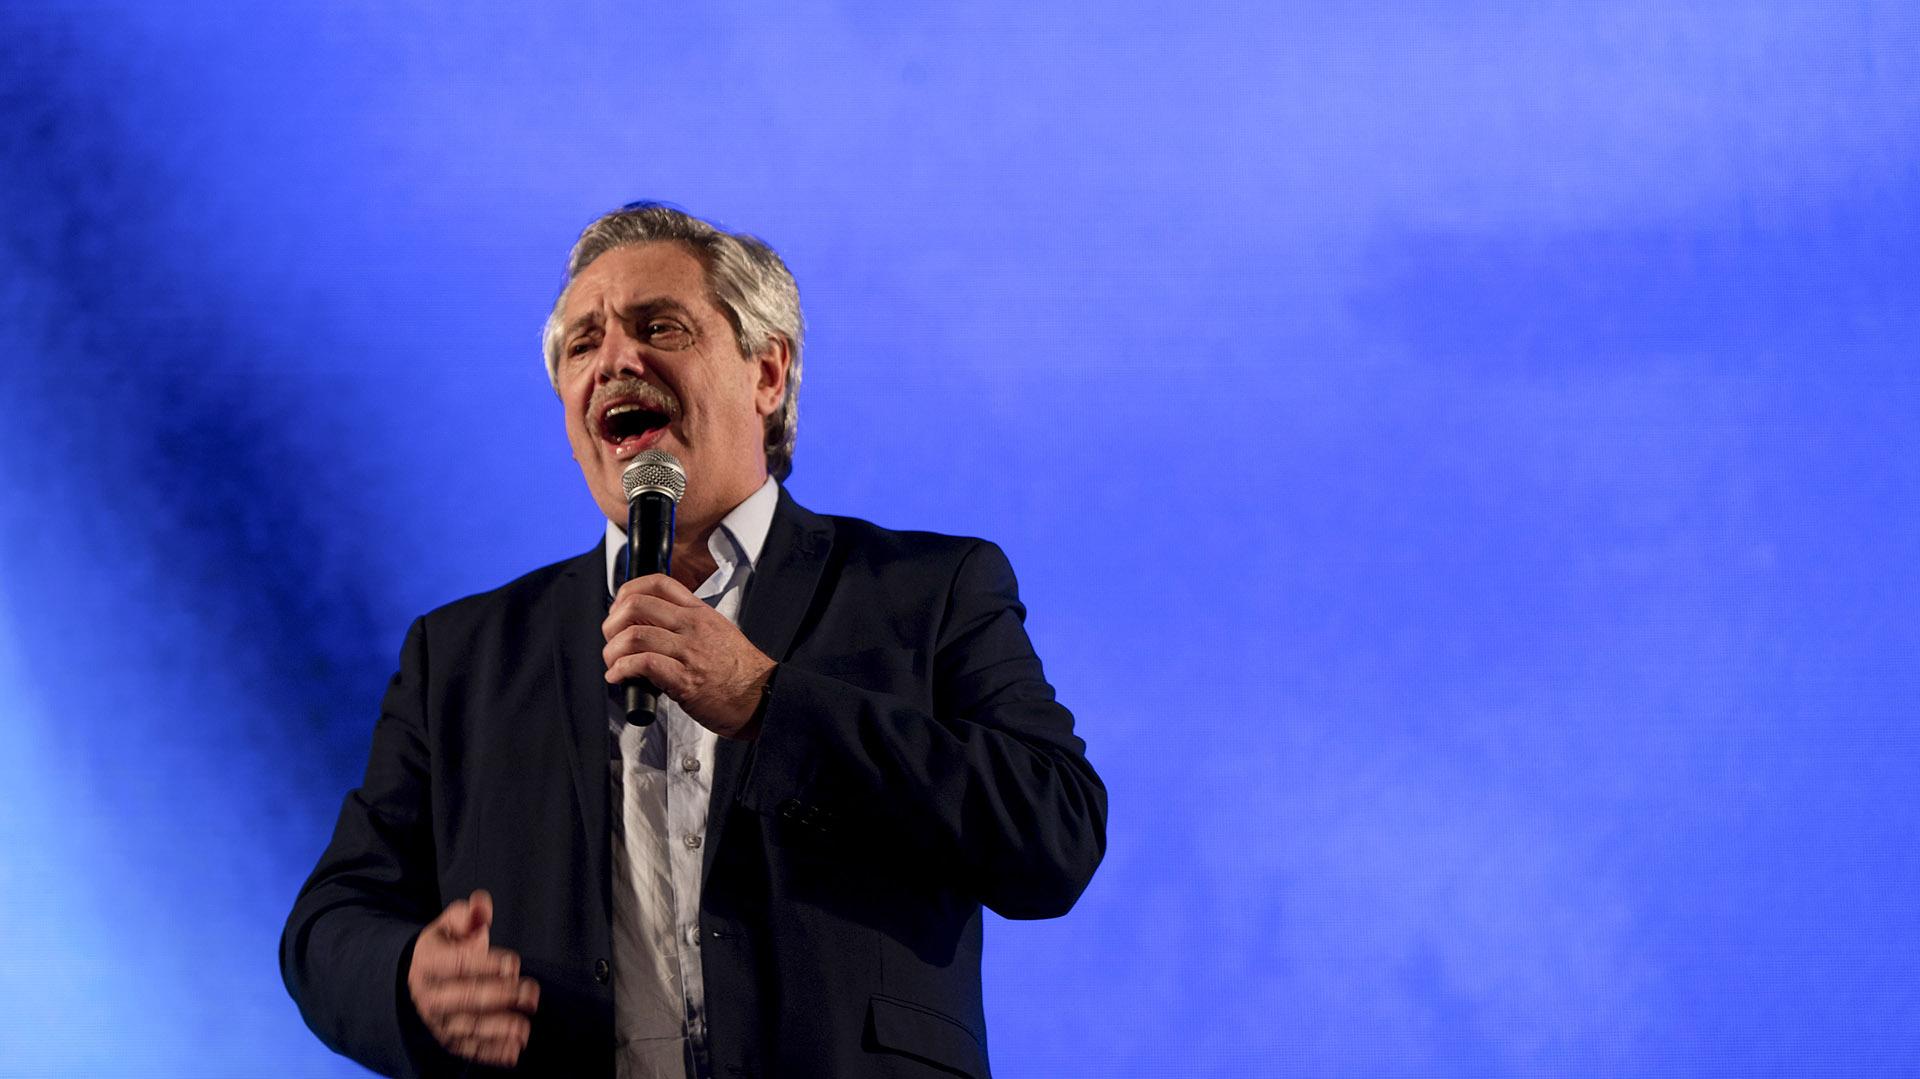 Alberto Fernández fue el gran ganador de la noche de las PASO 2019. Durante su discurso en la sede del Frente de Todos se lo vio eufórico